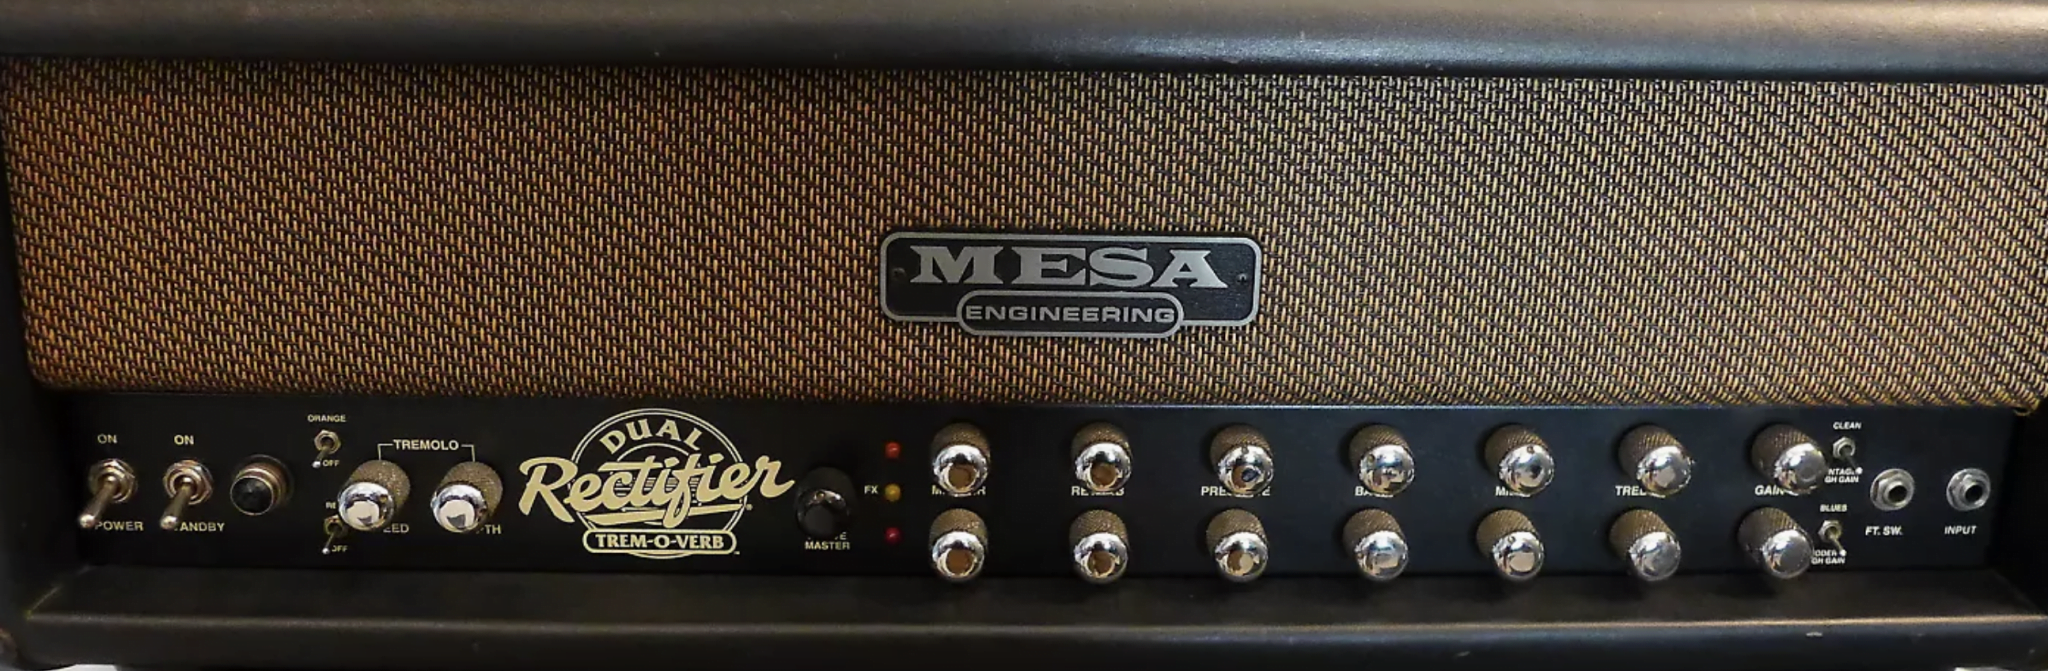 Mesa Boogie Tremoverb Verstärker